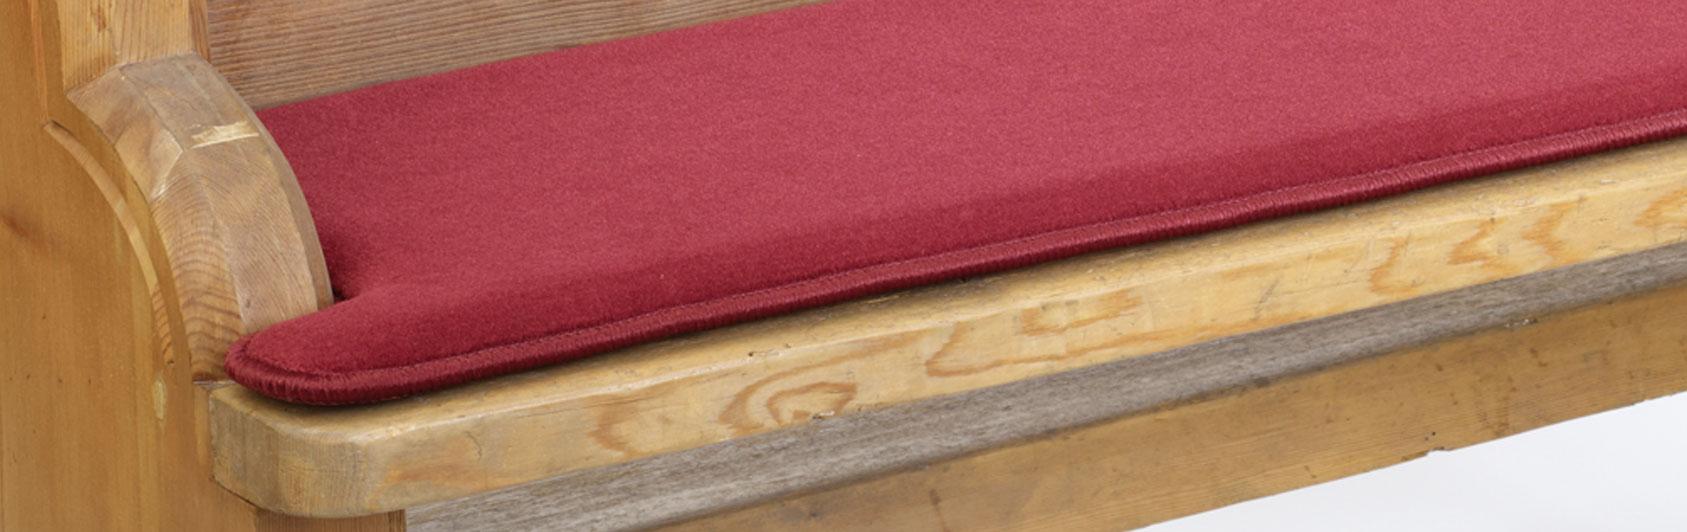 banque échantillon coussin Sitzplush code couleur 141 couleur rouge